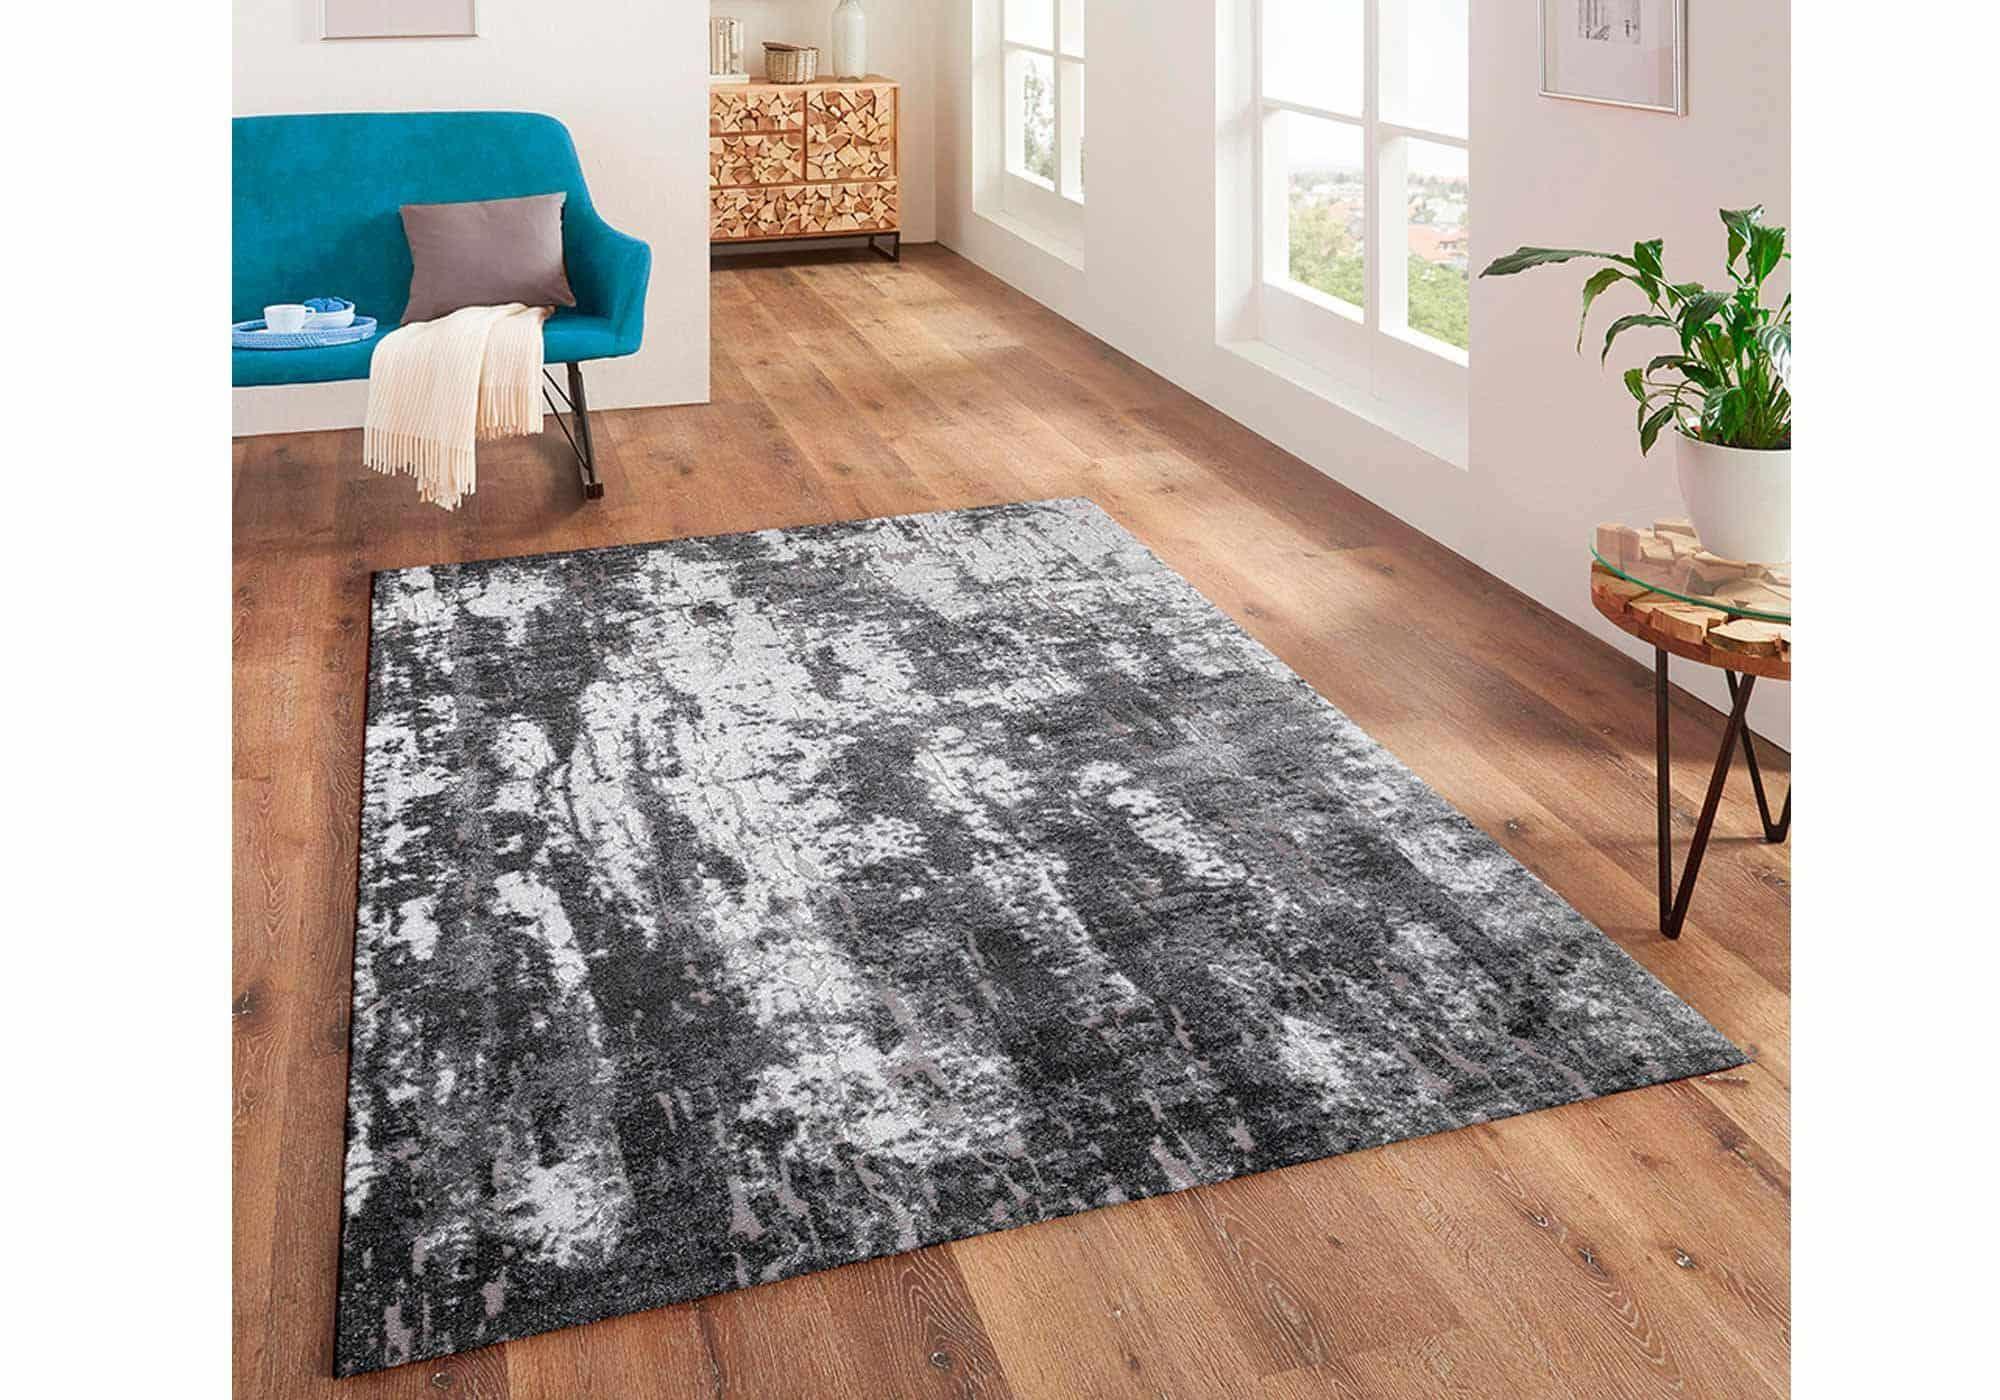 Teppich 200 x 290 cm anthrazit Hoch-Tief-Effekt - Mumbai 130 Grey